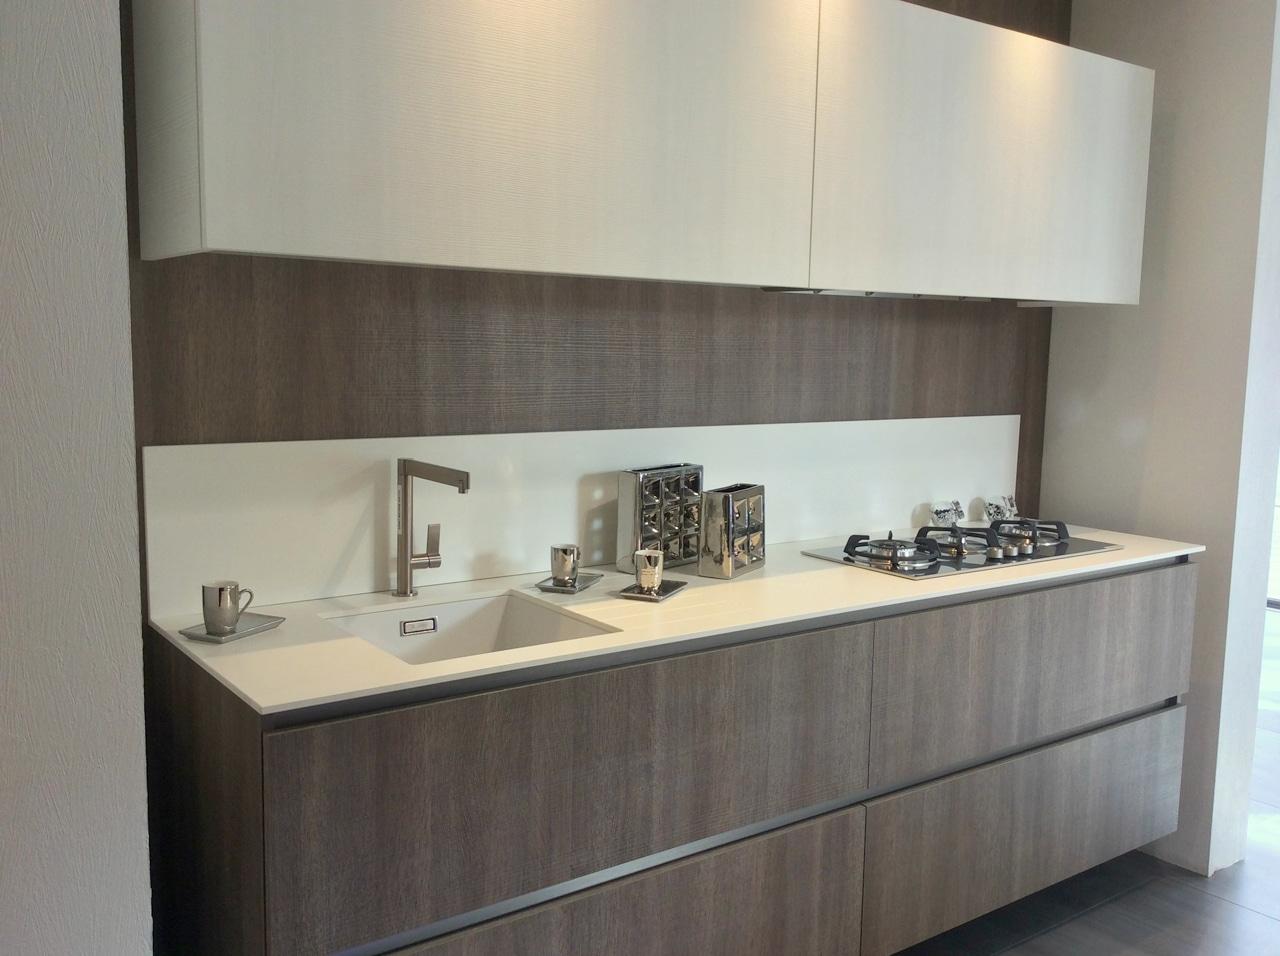 vente d une cuisine expo 2 c line. Black Bedroom Furniture Sets. Home Design Ideas